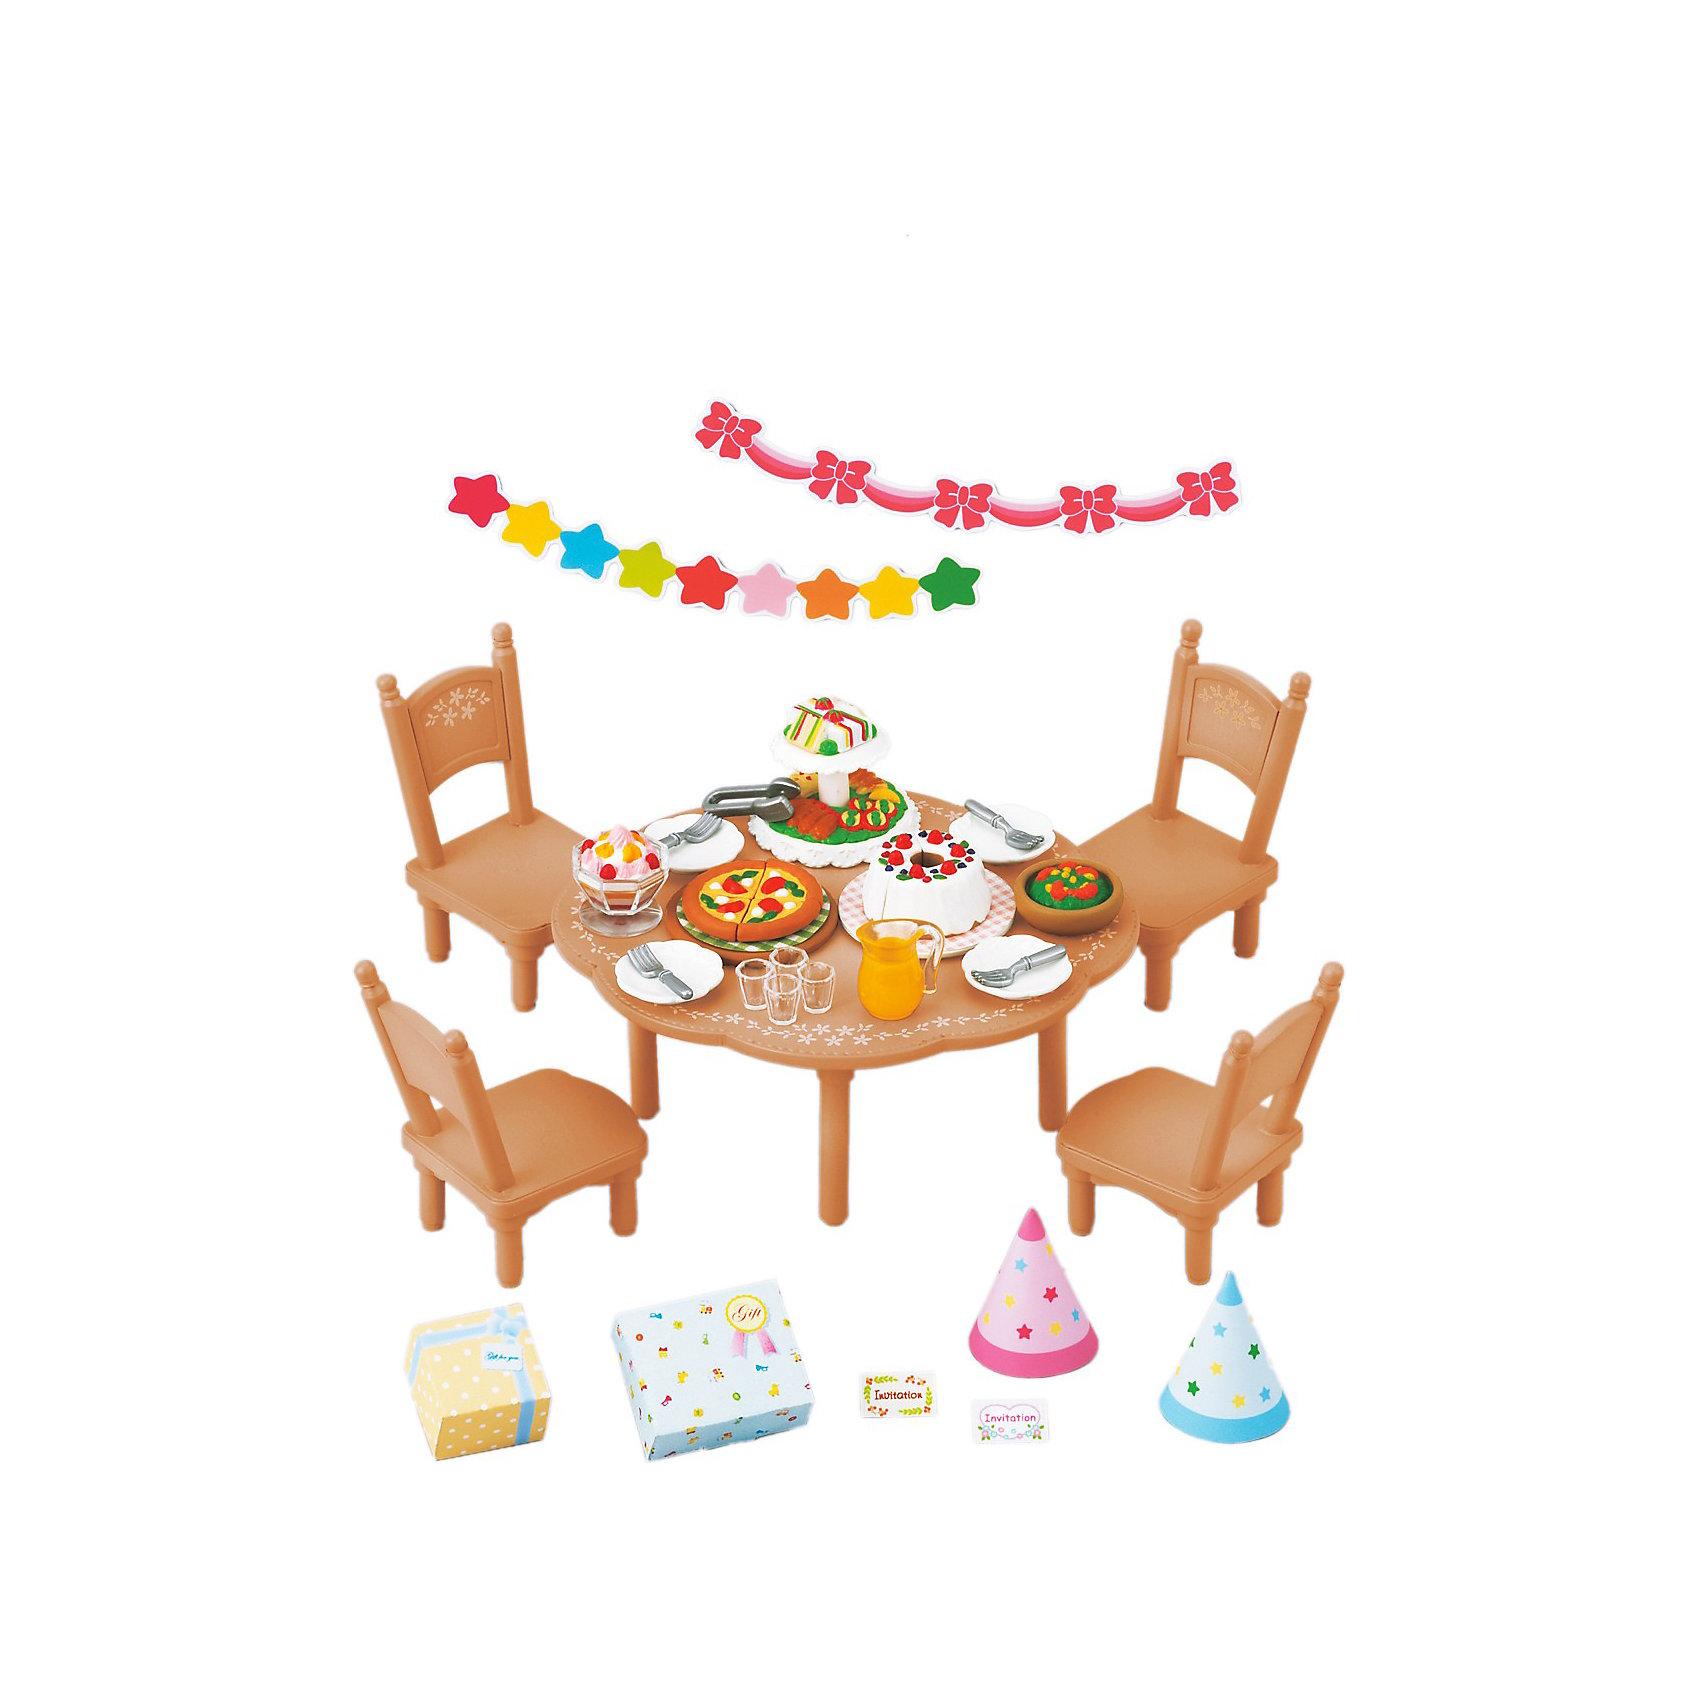 Набор Вечеринка Sylvanian FamiliesSylvanian Families<br>Набор для вечеринки от Sylvanian Families (Сильваниан Фэмилиес). <br><br>Жители Сильвании с радостью празднуют дни рождения! Все малыши ждут этого праздника, ведь день рождения - это не только вкусный торт, но и весёлая вечеринка. Все гости обязательно приходят с подарками, комната, где происходит вечеринка, празднично украшена. За столом все сидят в весёлых колпачках и кушают вкусные пироги, которые готовит мама. На вечеринках в Сильвании так весело!<br><br>Дополнительная информация:<br><br>В комплекте: <br>- круглый стол и стулья<br>- украшения <br>- посуда <br>- угощения <br>- колпаки <br>- подарки<br><br>Персонажи в комплект не входят.<br>Размер коробки: 13 х 6 х 12  см.<br>Материал: высококачественная пластмасса, текстиль, пвх с полимерным напылением.<br><br>Ширина мм: 129<br>Глубина мм: 124<br>Высота мм: 66<br>Вес г: 146<br>Возраст от месяцев: 36<br>Возраст до месяцев: 72<br>Пол: Женский<br>Возраст: Детский<br>SKU: 2328096